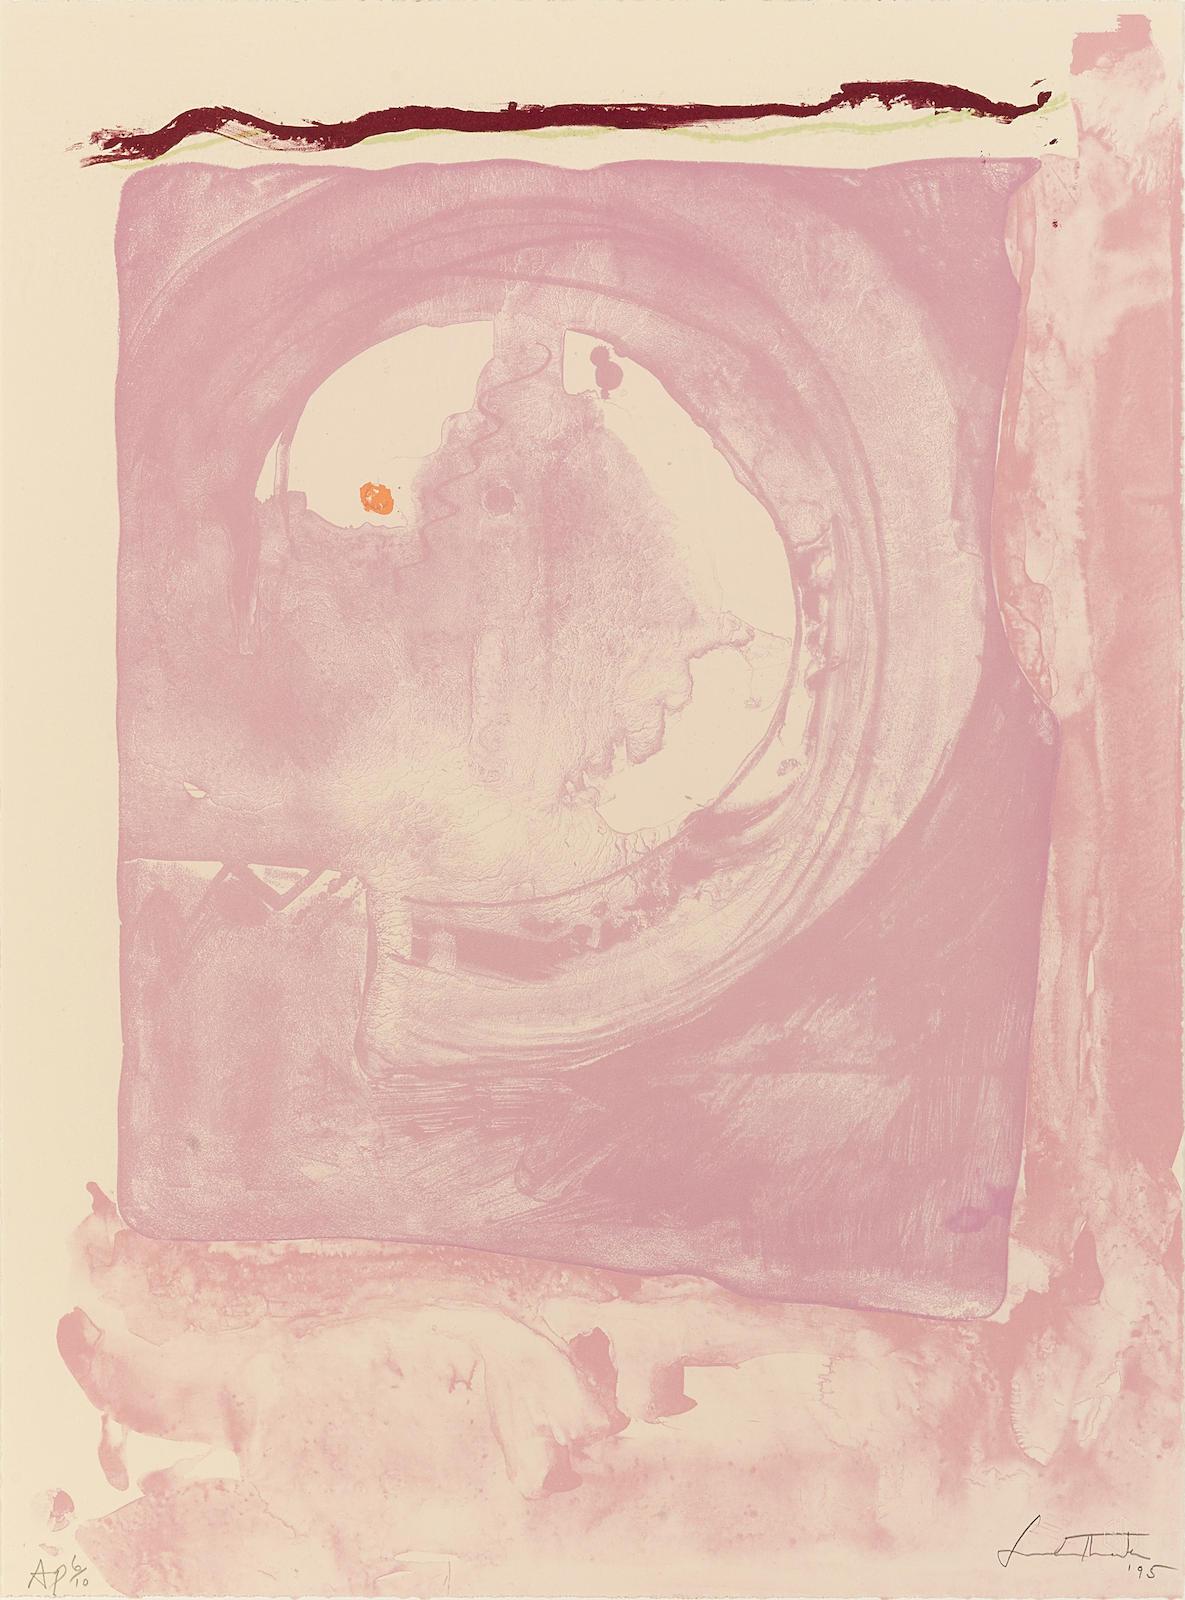 Helen Frankenthaler-Reflections IX, 1995-1995